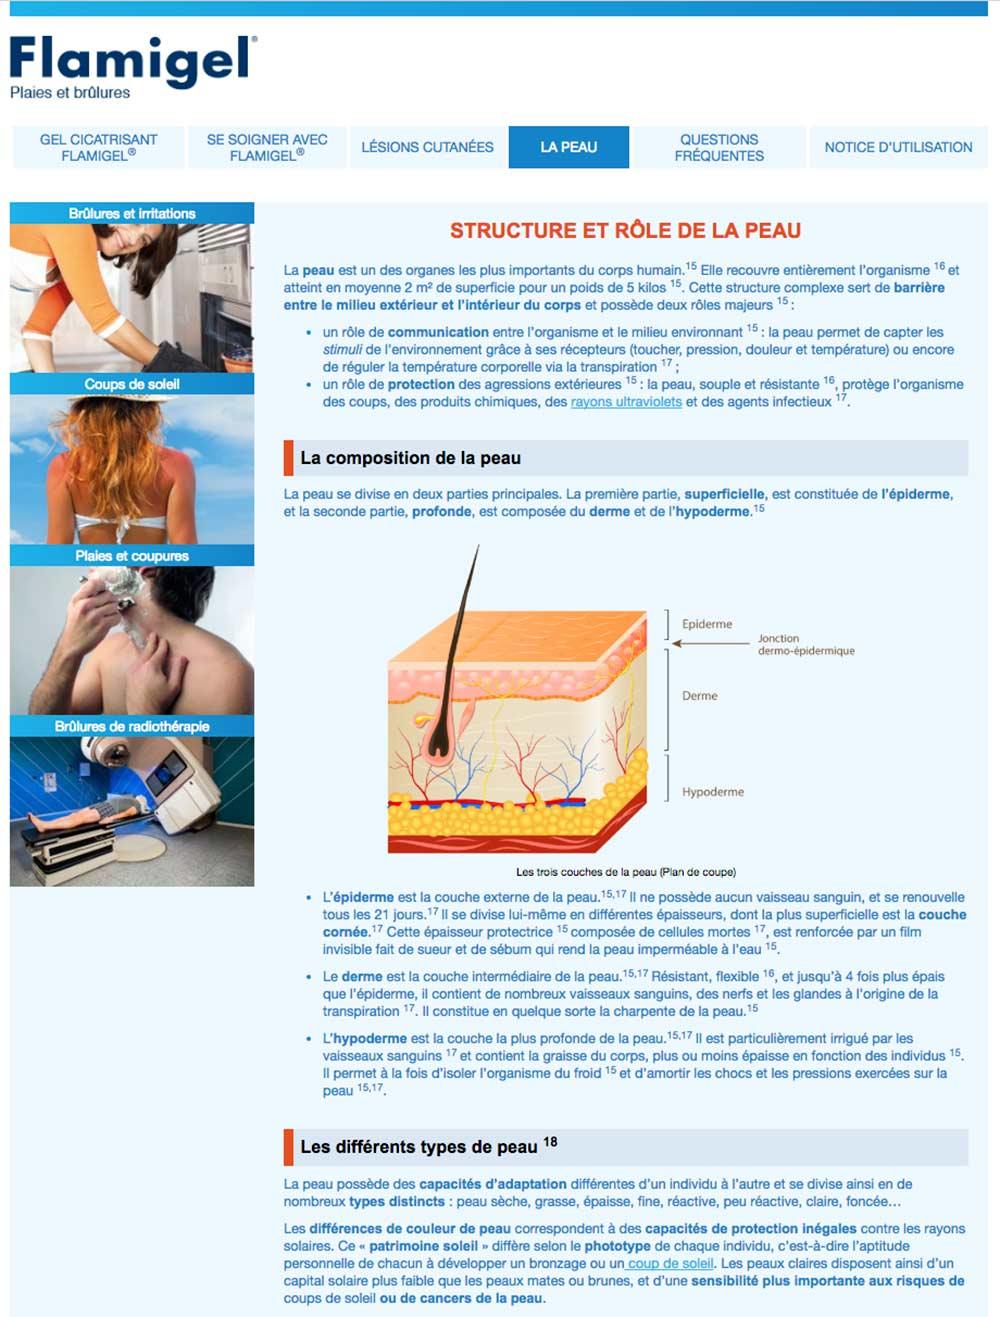 Page de contenu du site Flamigel pour Mylan